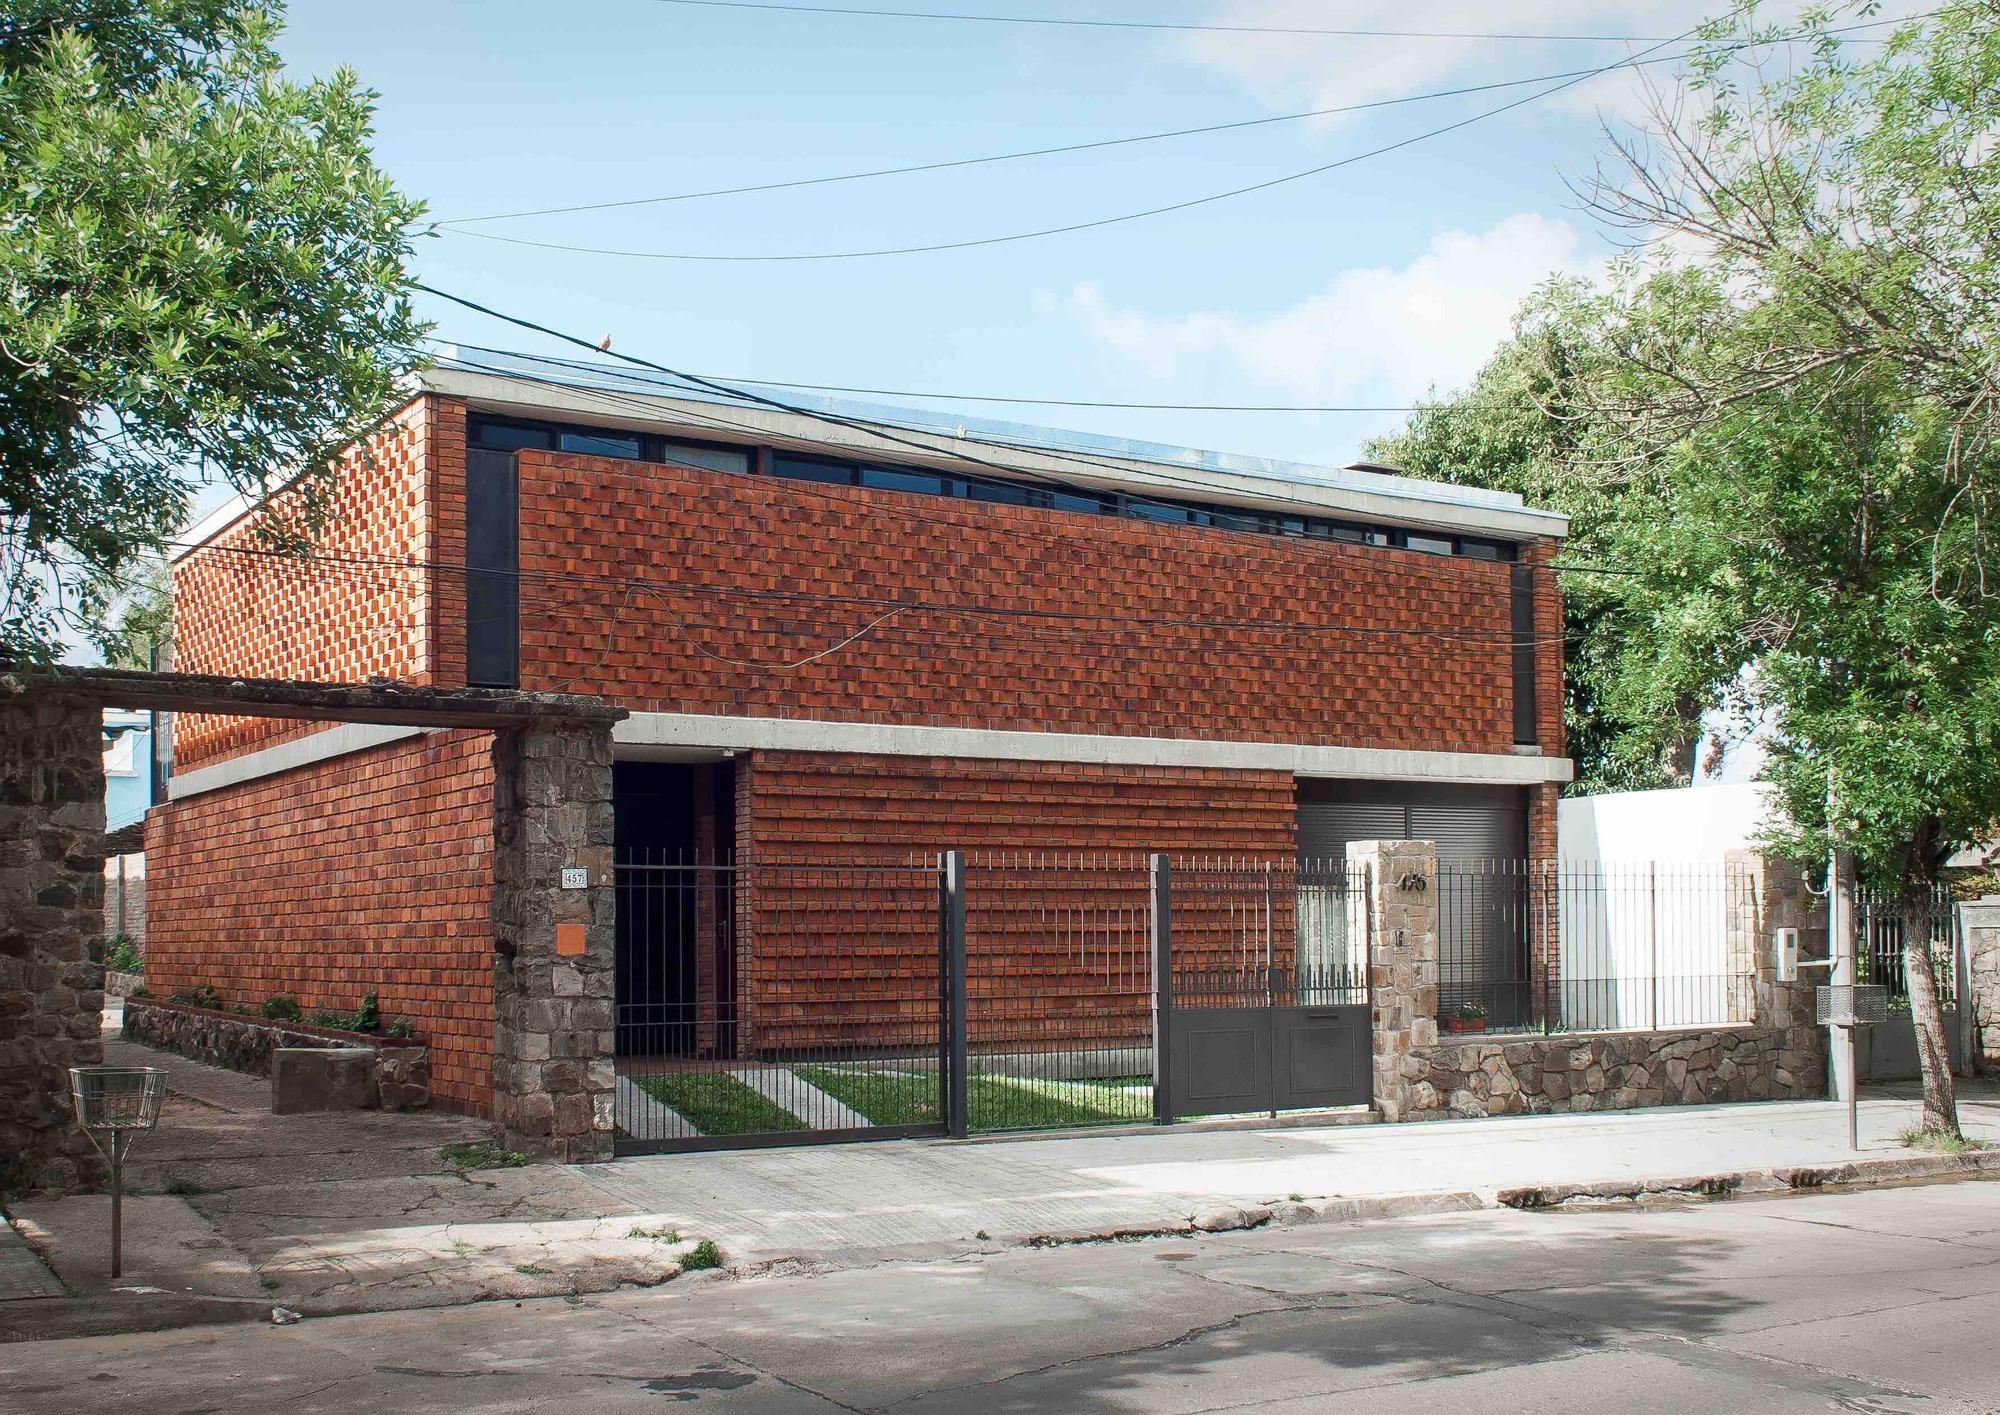 Gallery of casa de ladrillo paulo ambrosoni 10 - Casa de ladrillos ...